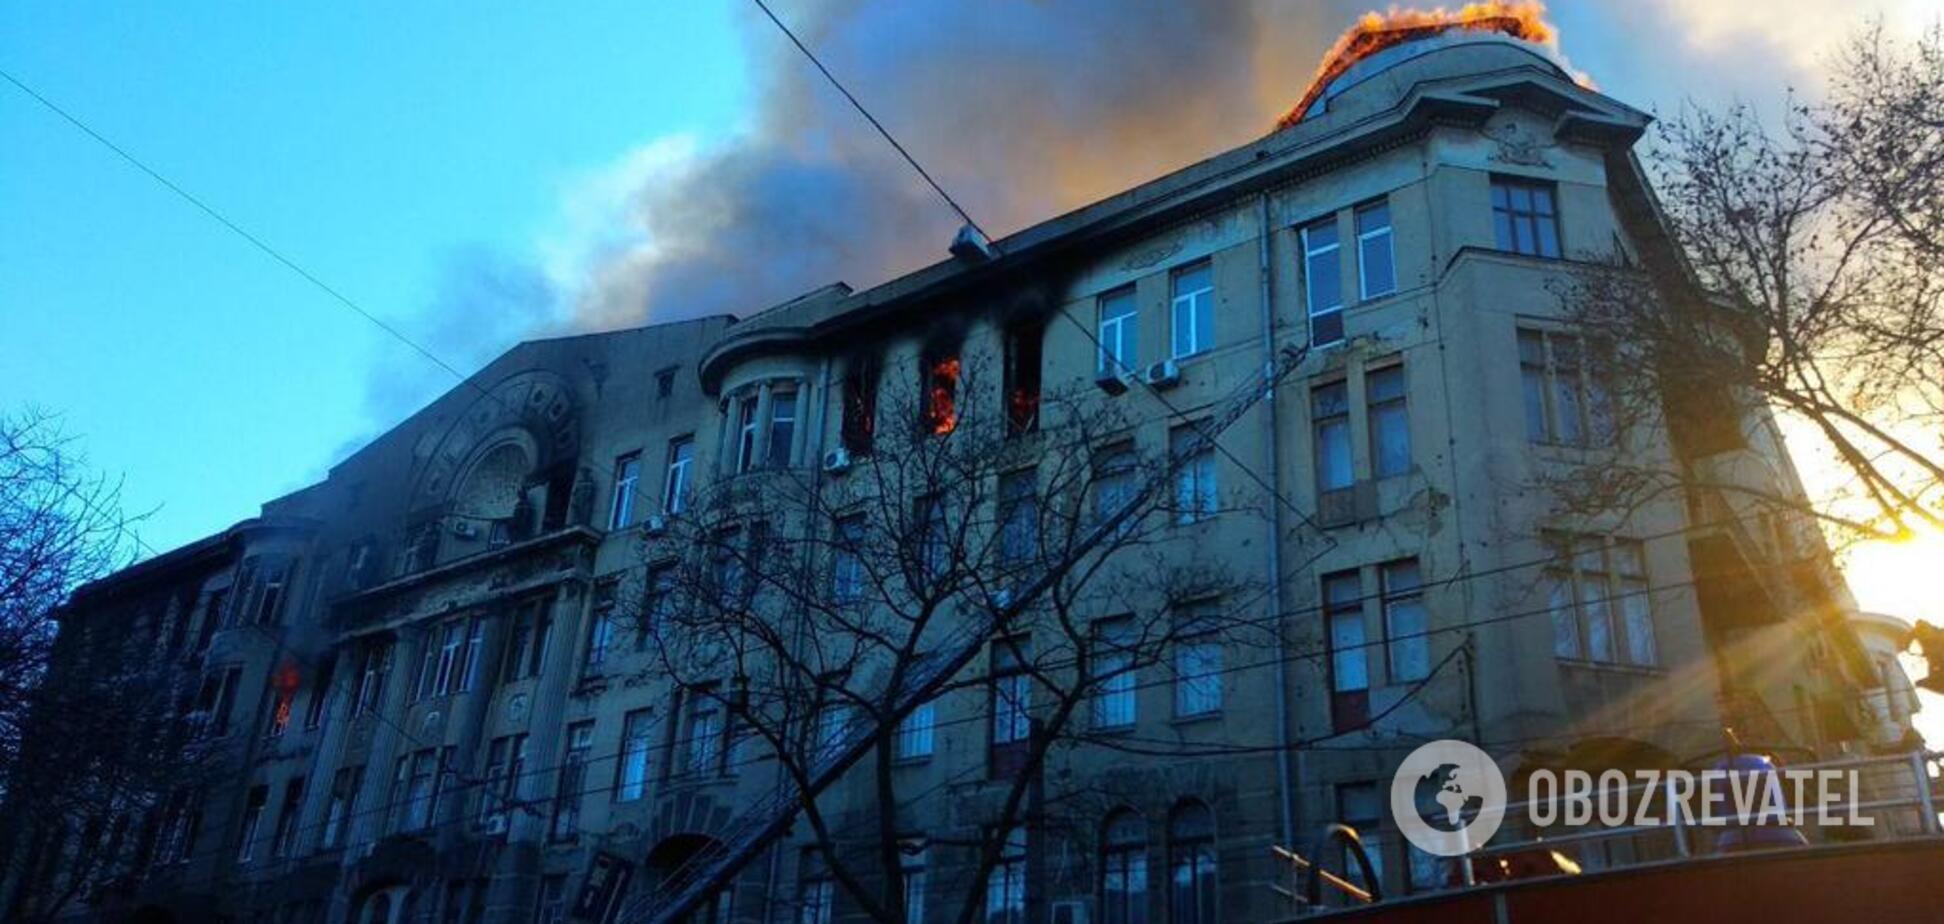 Опознана последняя жертва пожара в колледже Одессы